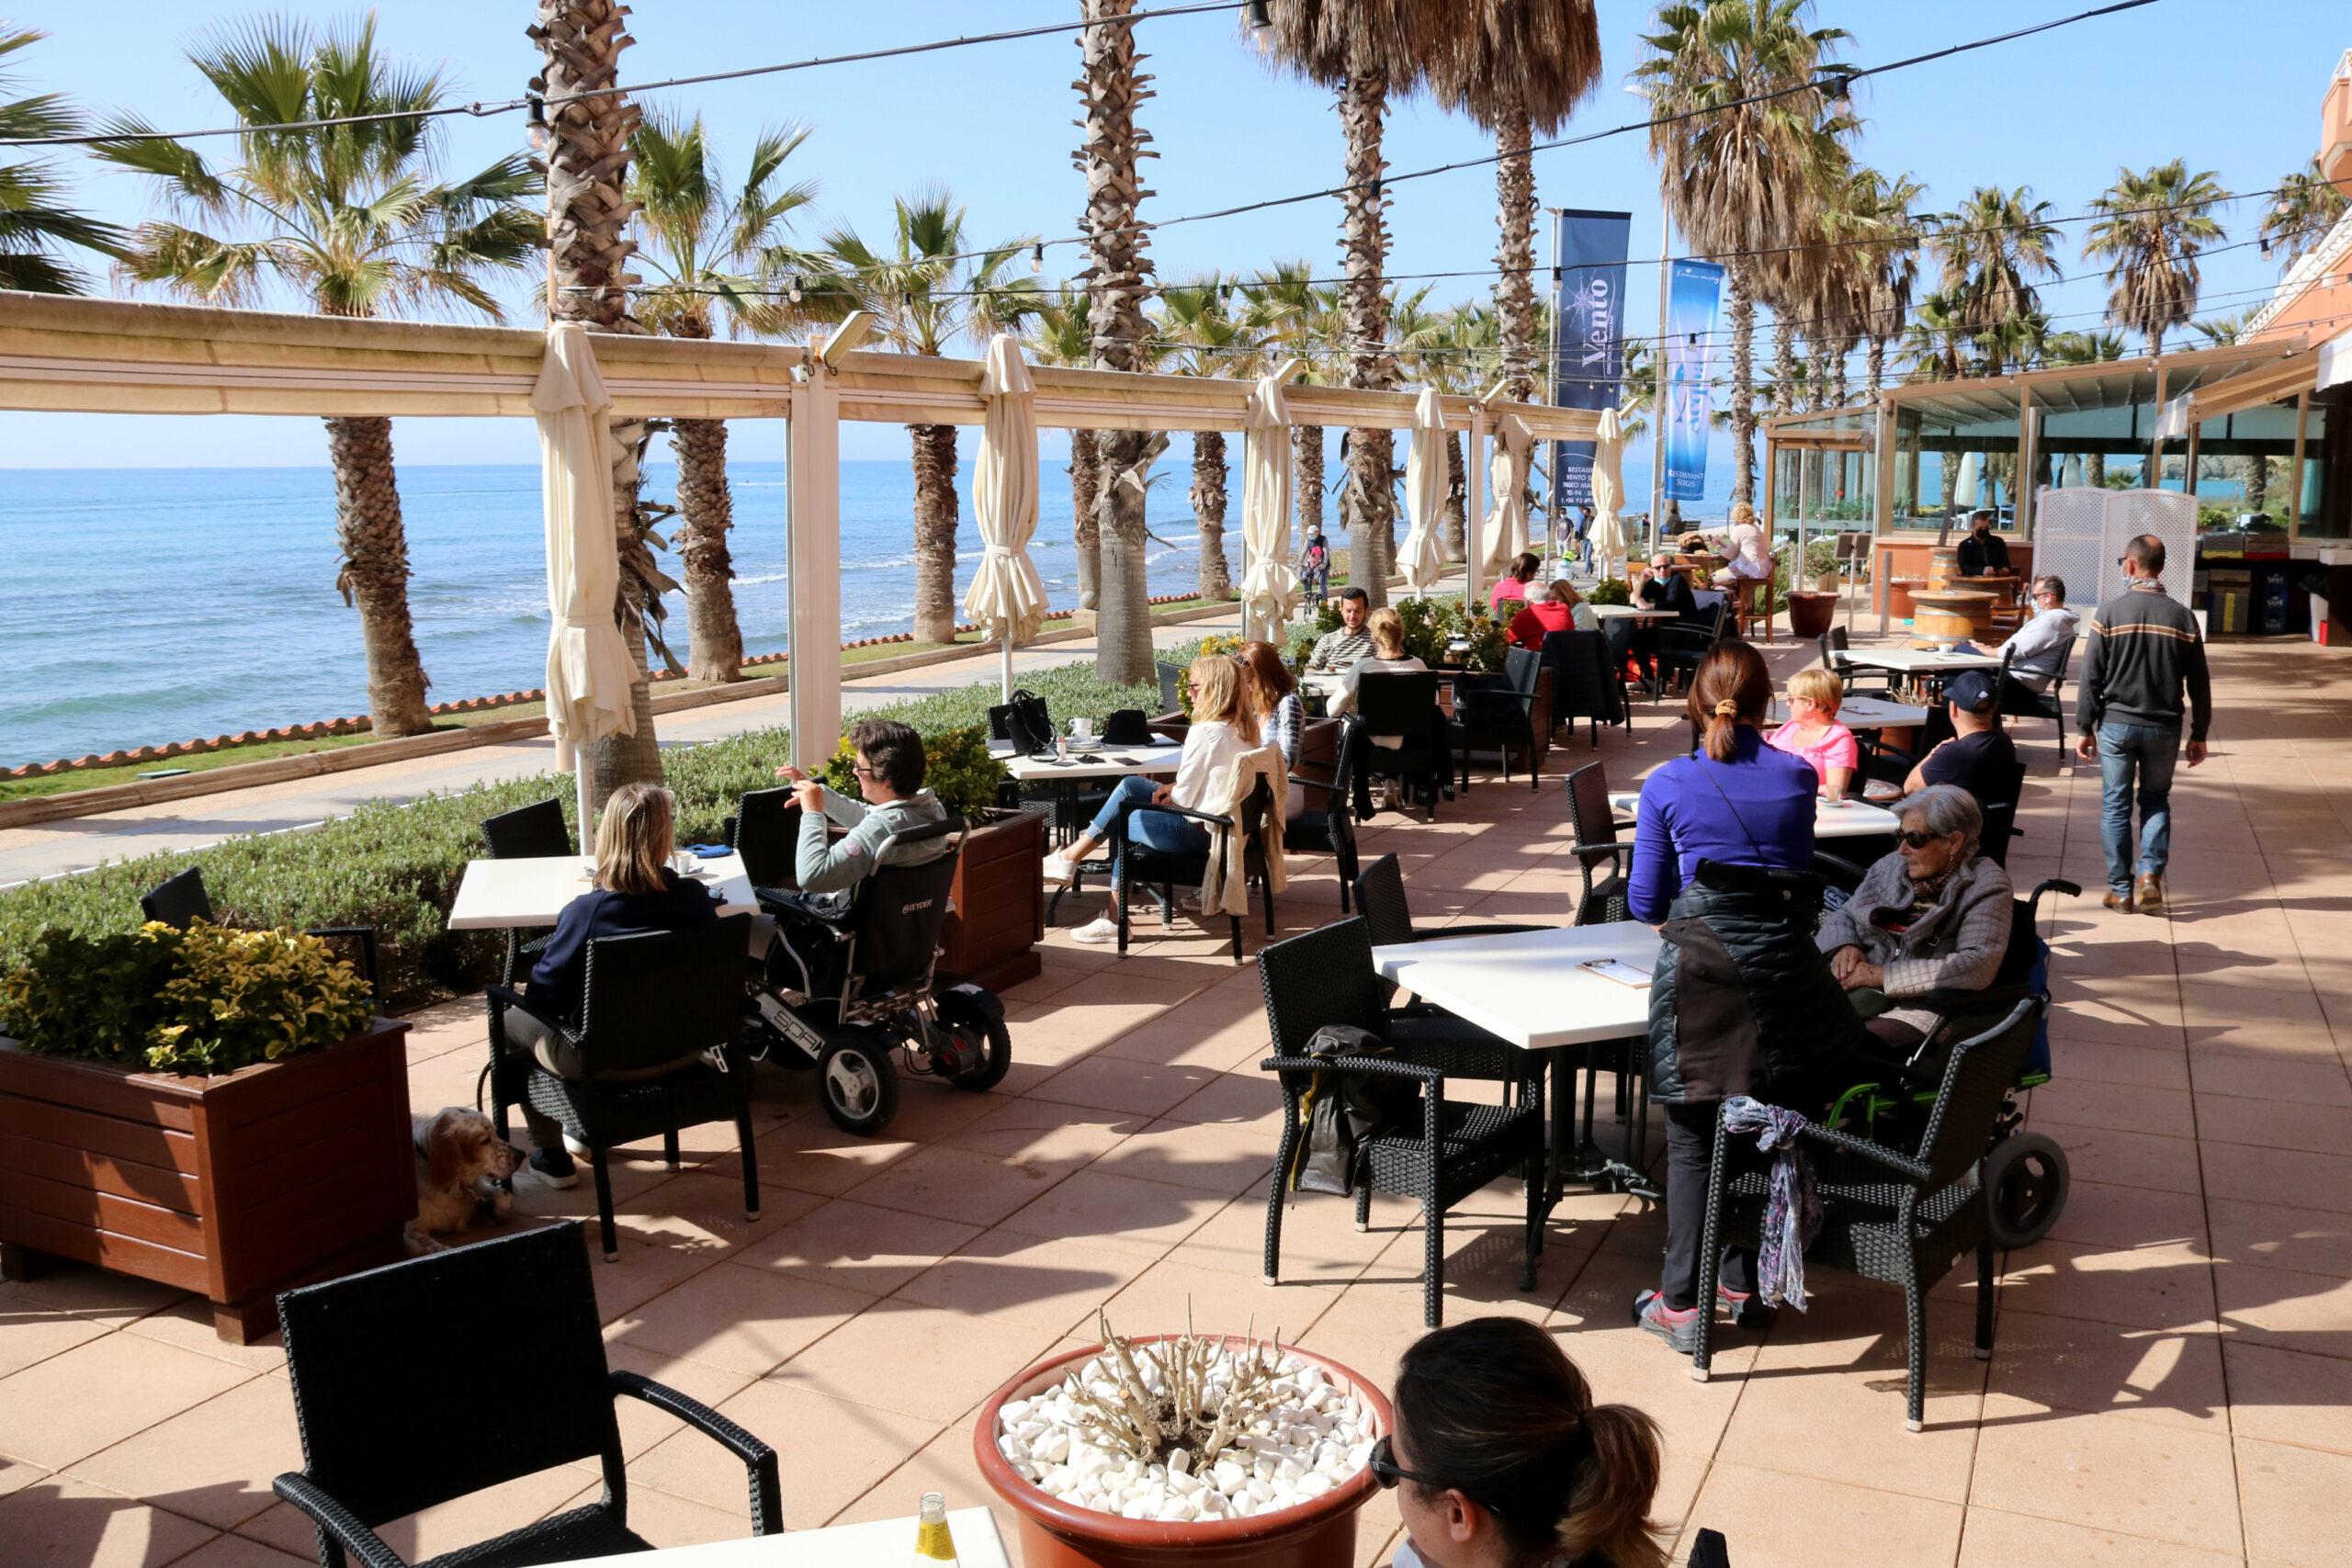 La terrassa d'un restaurant de Sitges amb gairebé totes les taules plenes | ACN